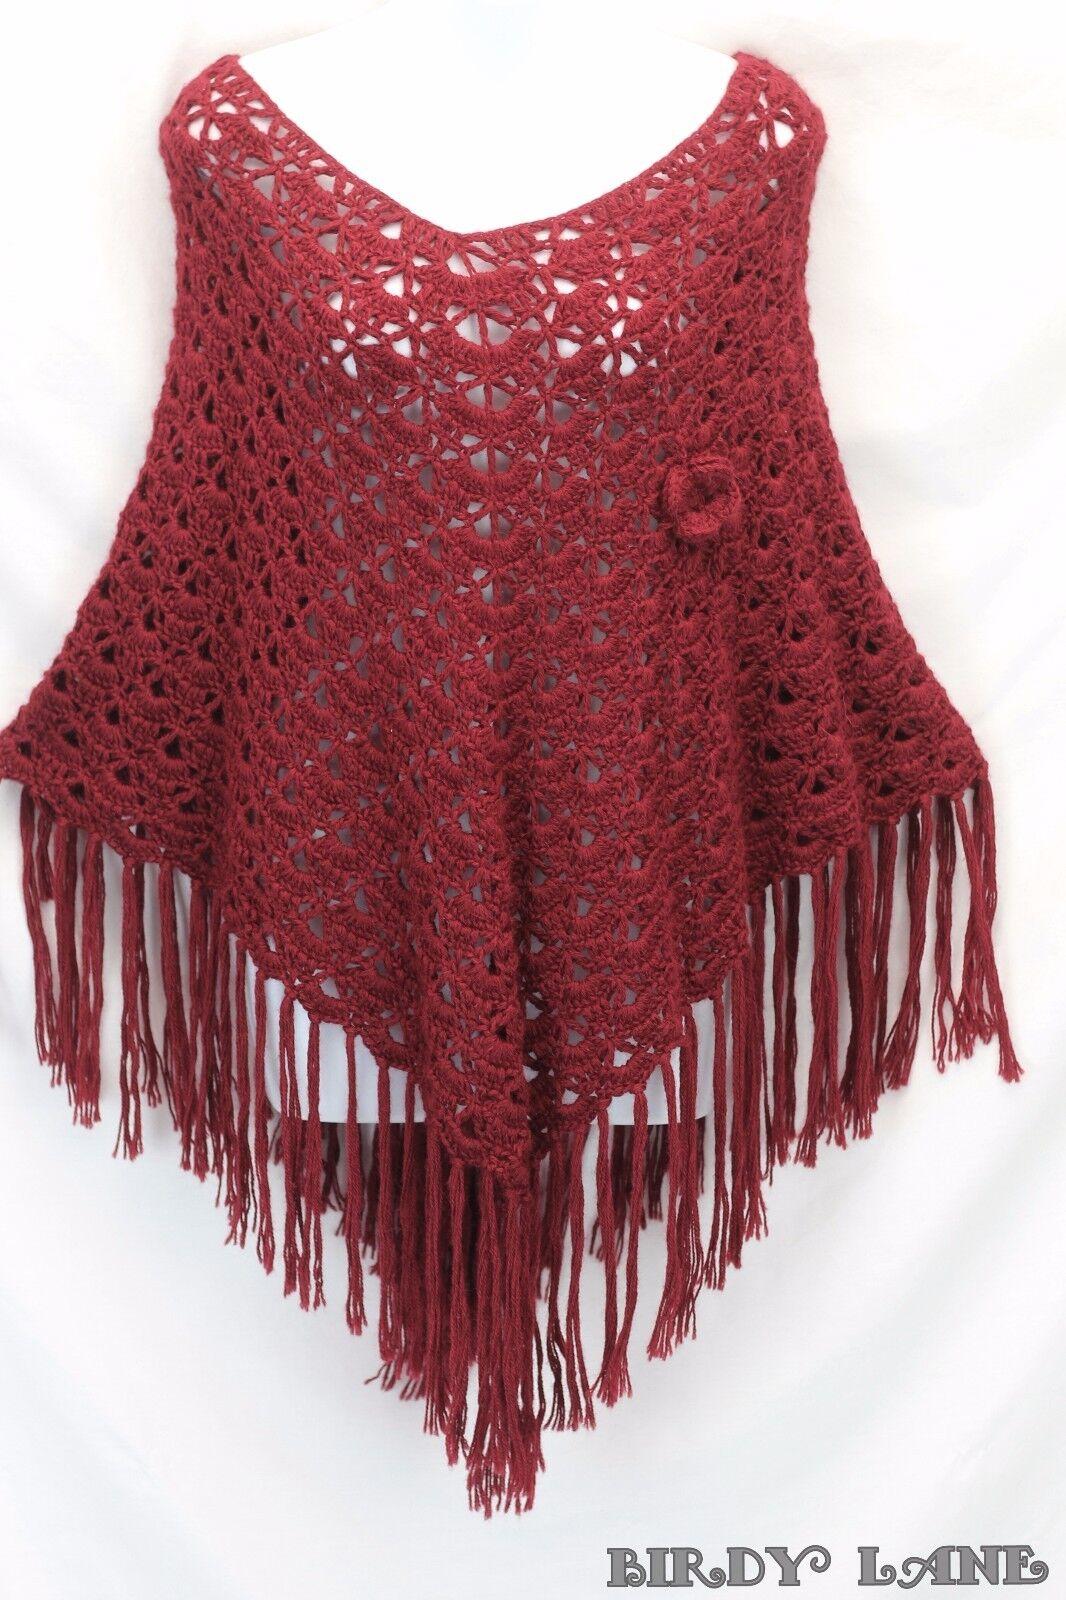 Novica 100% Alpaca Knitted Poncho Dark Red Fringed Fringed Fringed Asymmetrical Hem Boho Artsy 566897